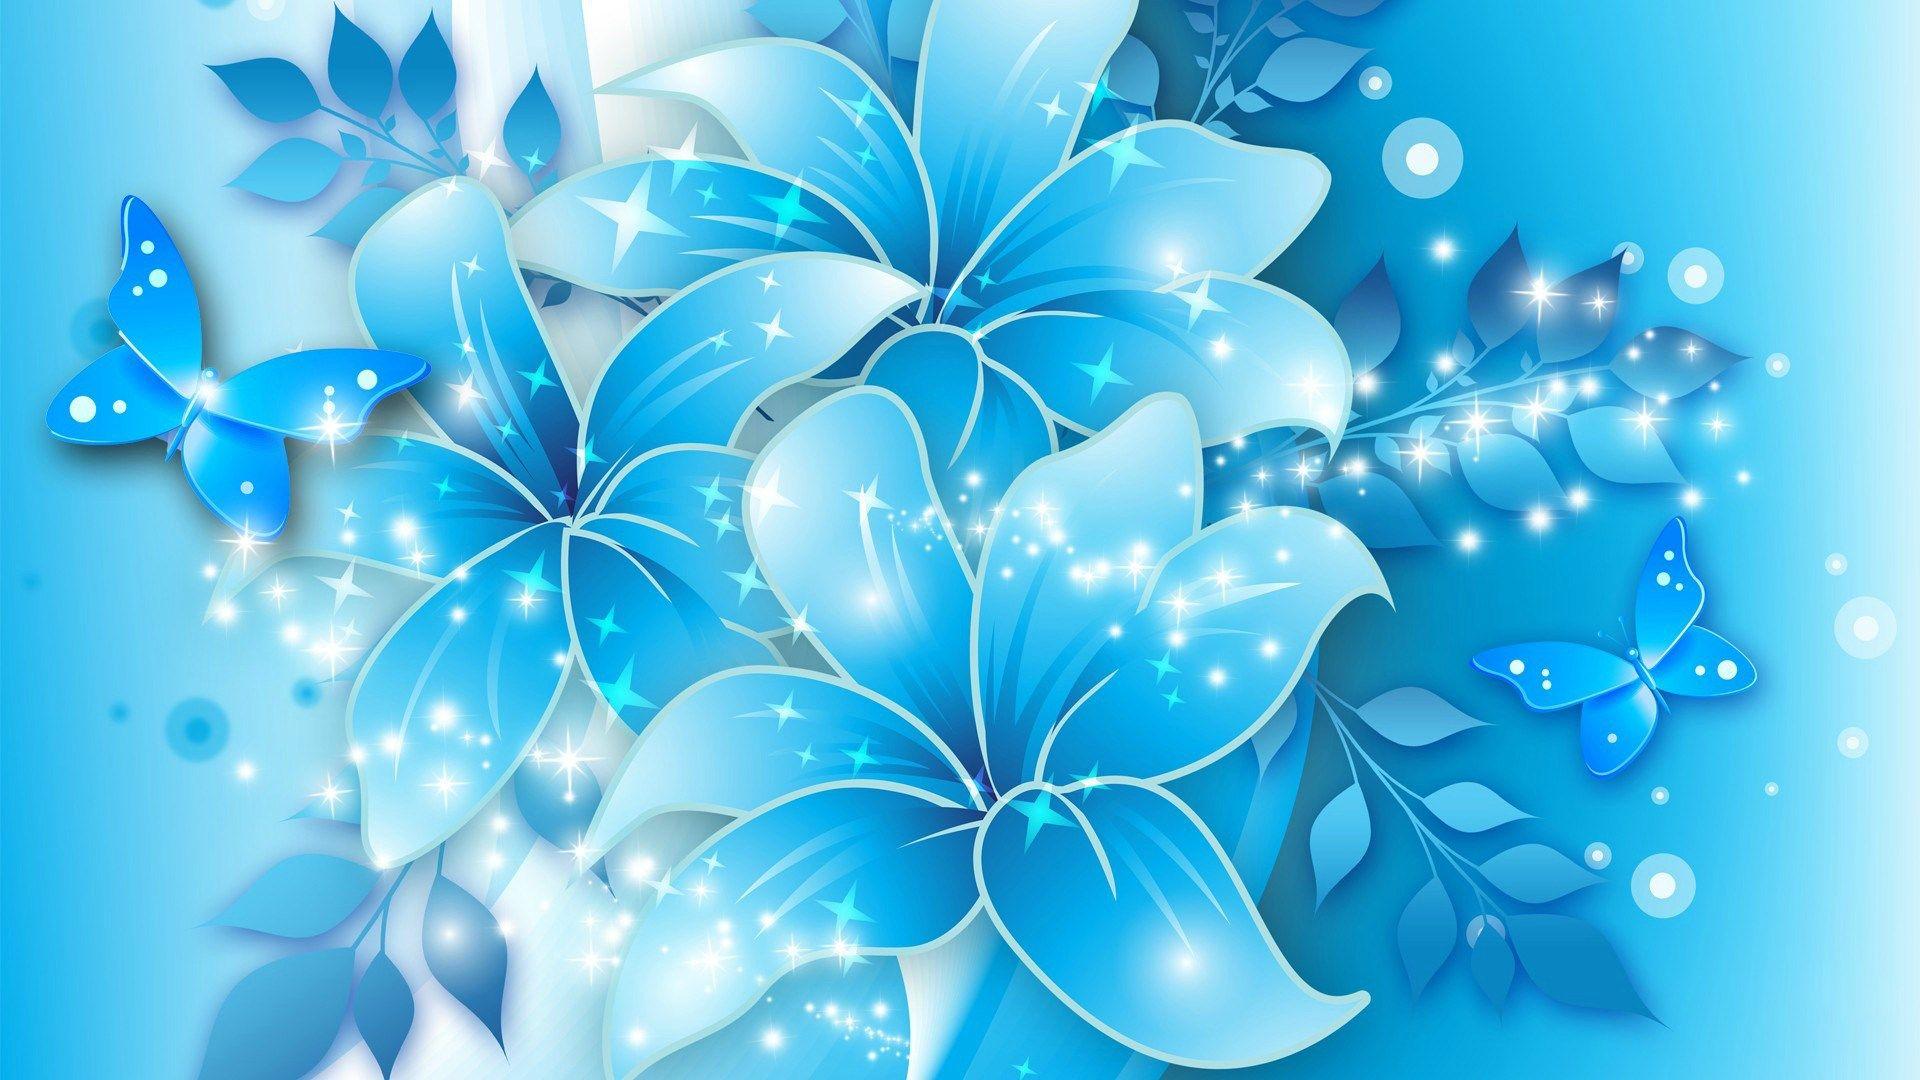 light blue flower hd wallpapers